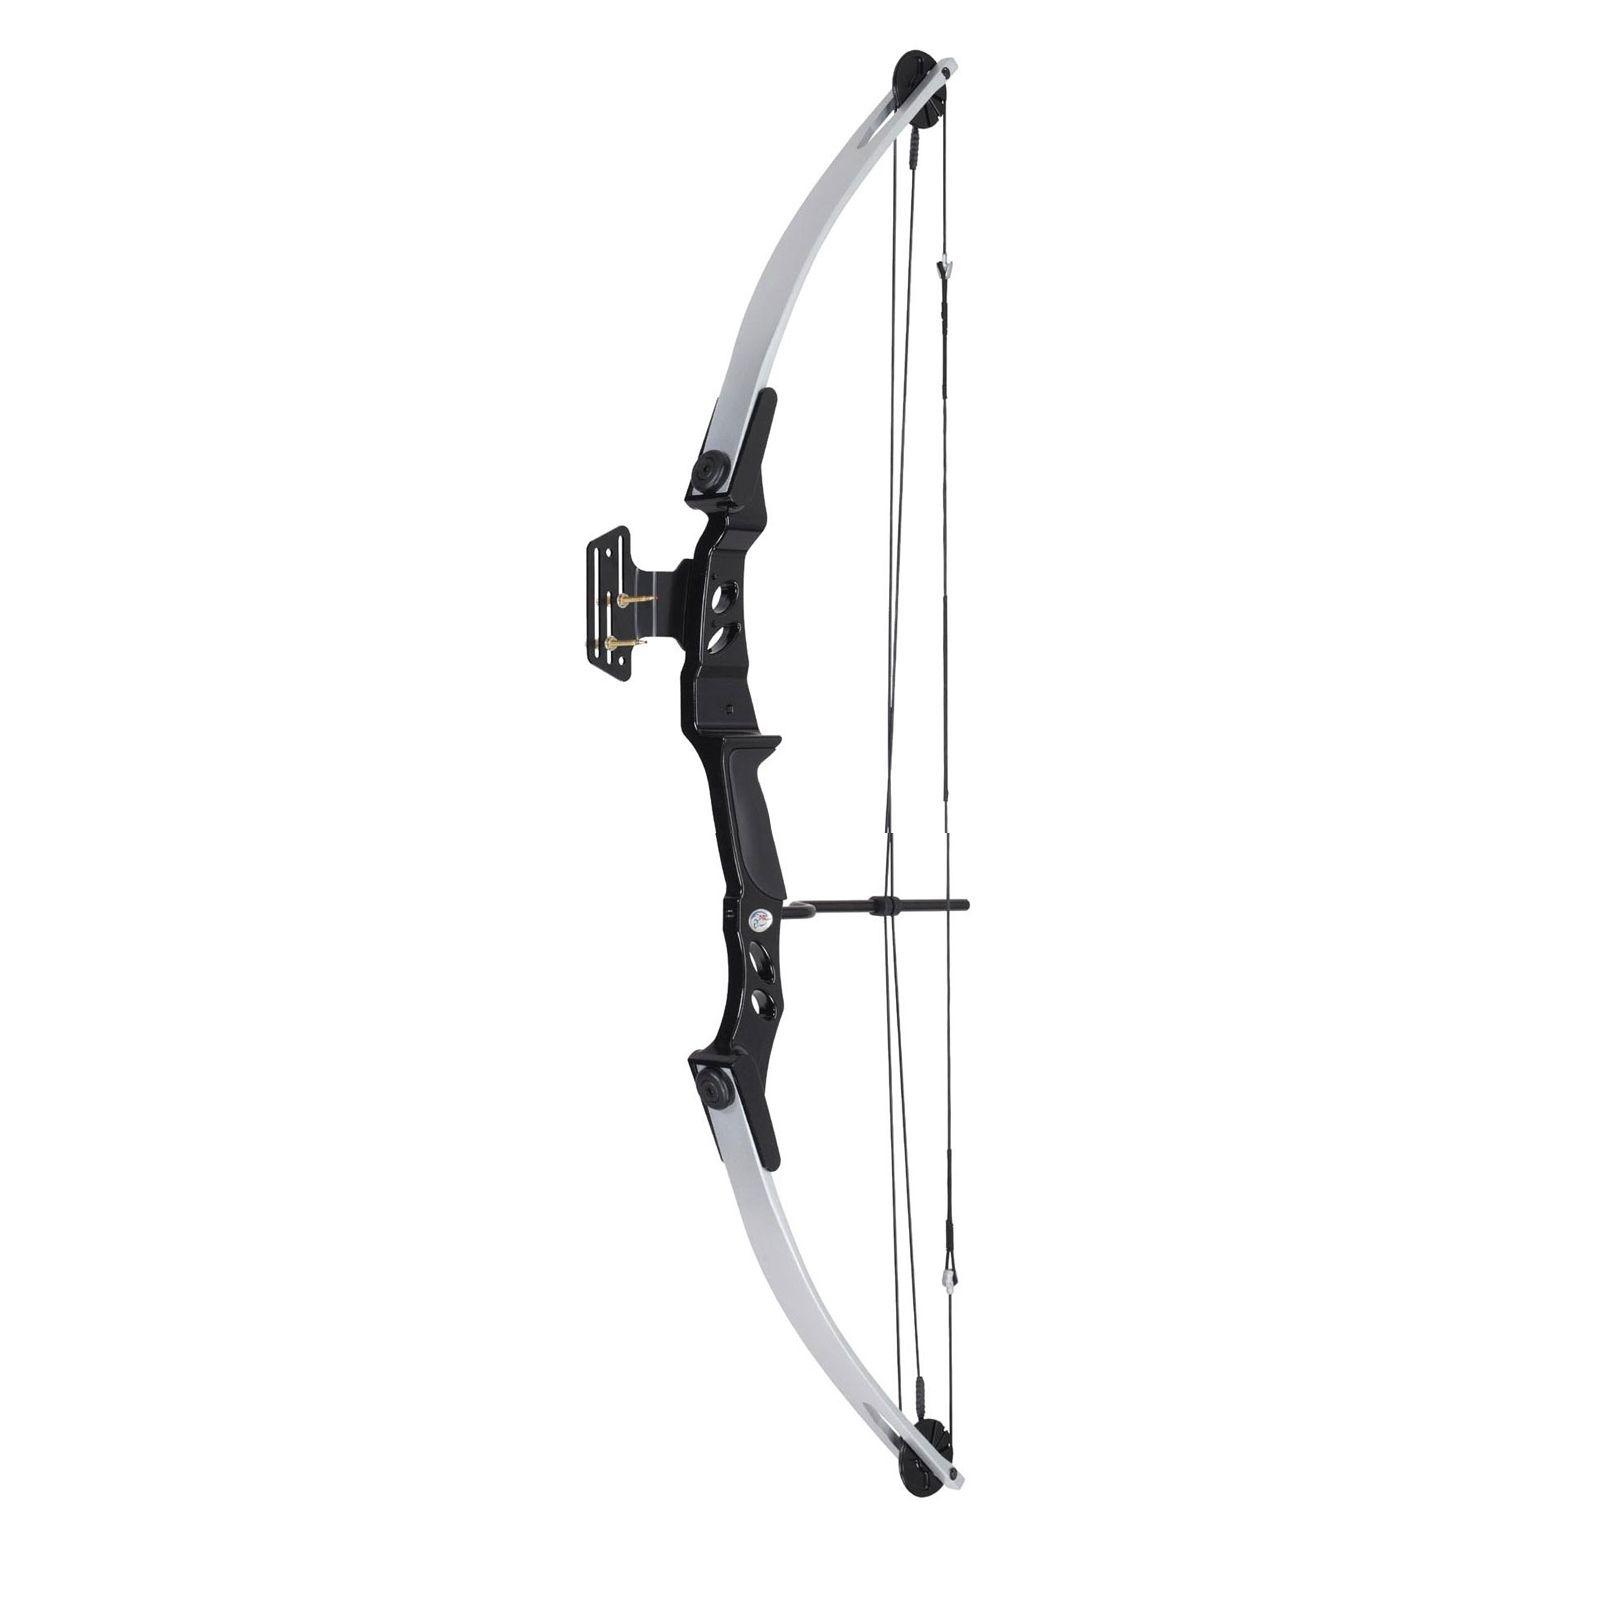 Arco e flecha Bobcat MK-CB55SB Vixion + suporte rst-g para carretilha pesca